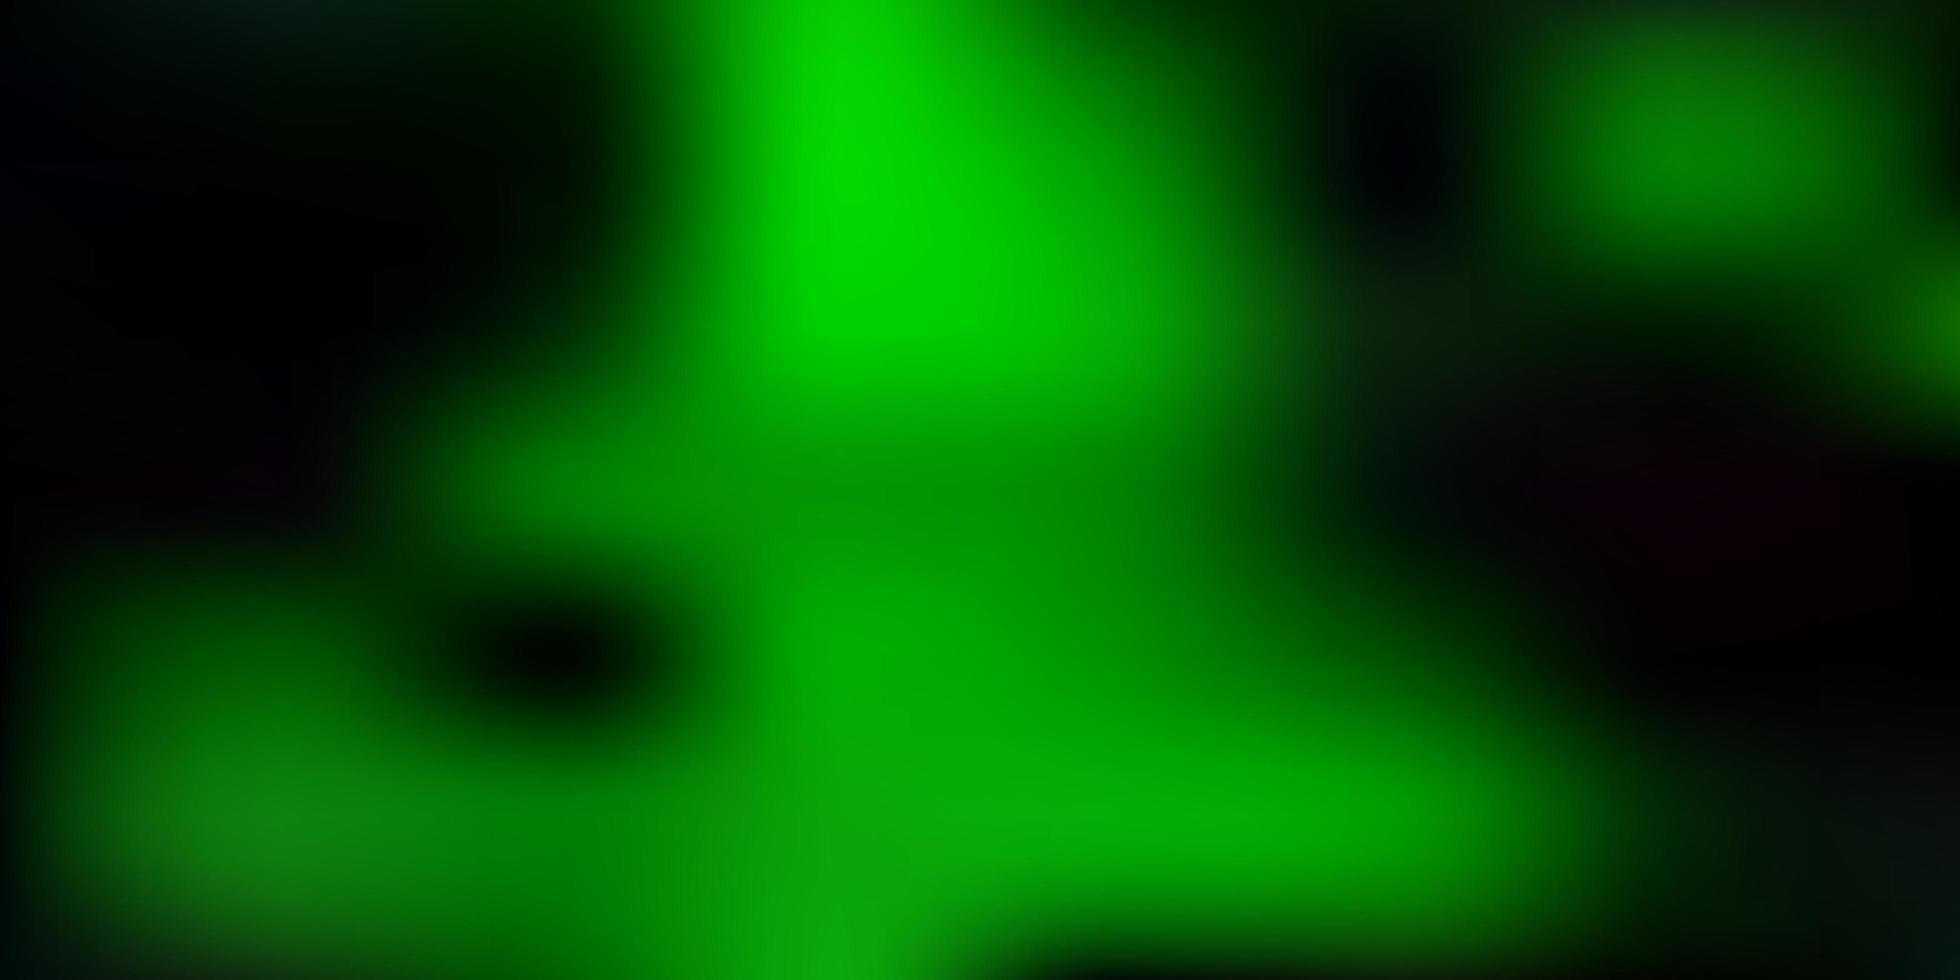 groen verloop vervagen patroon. vector